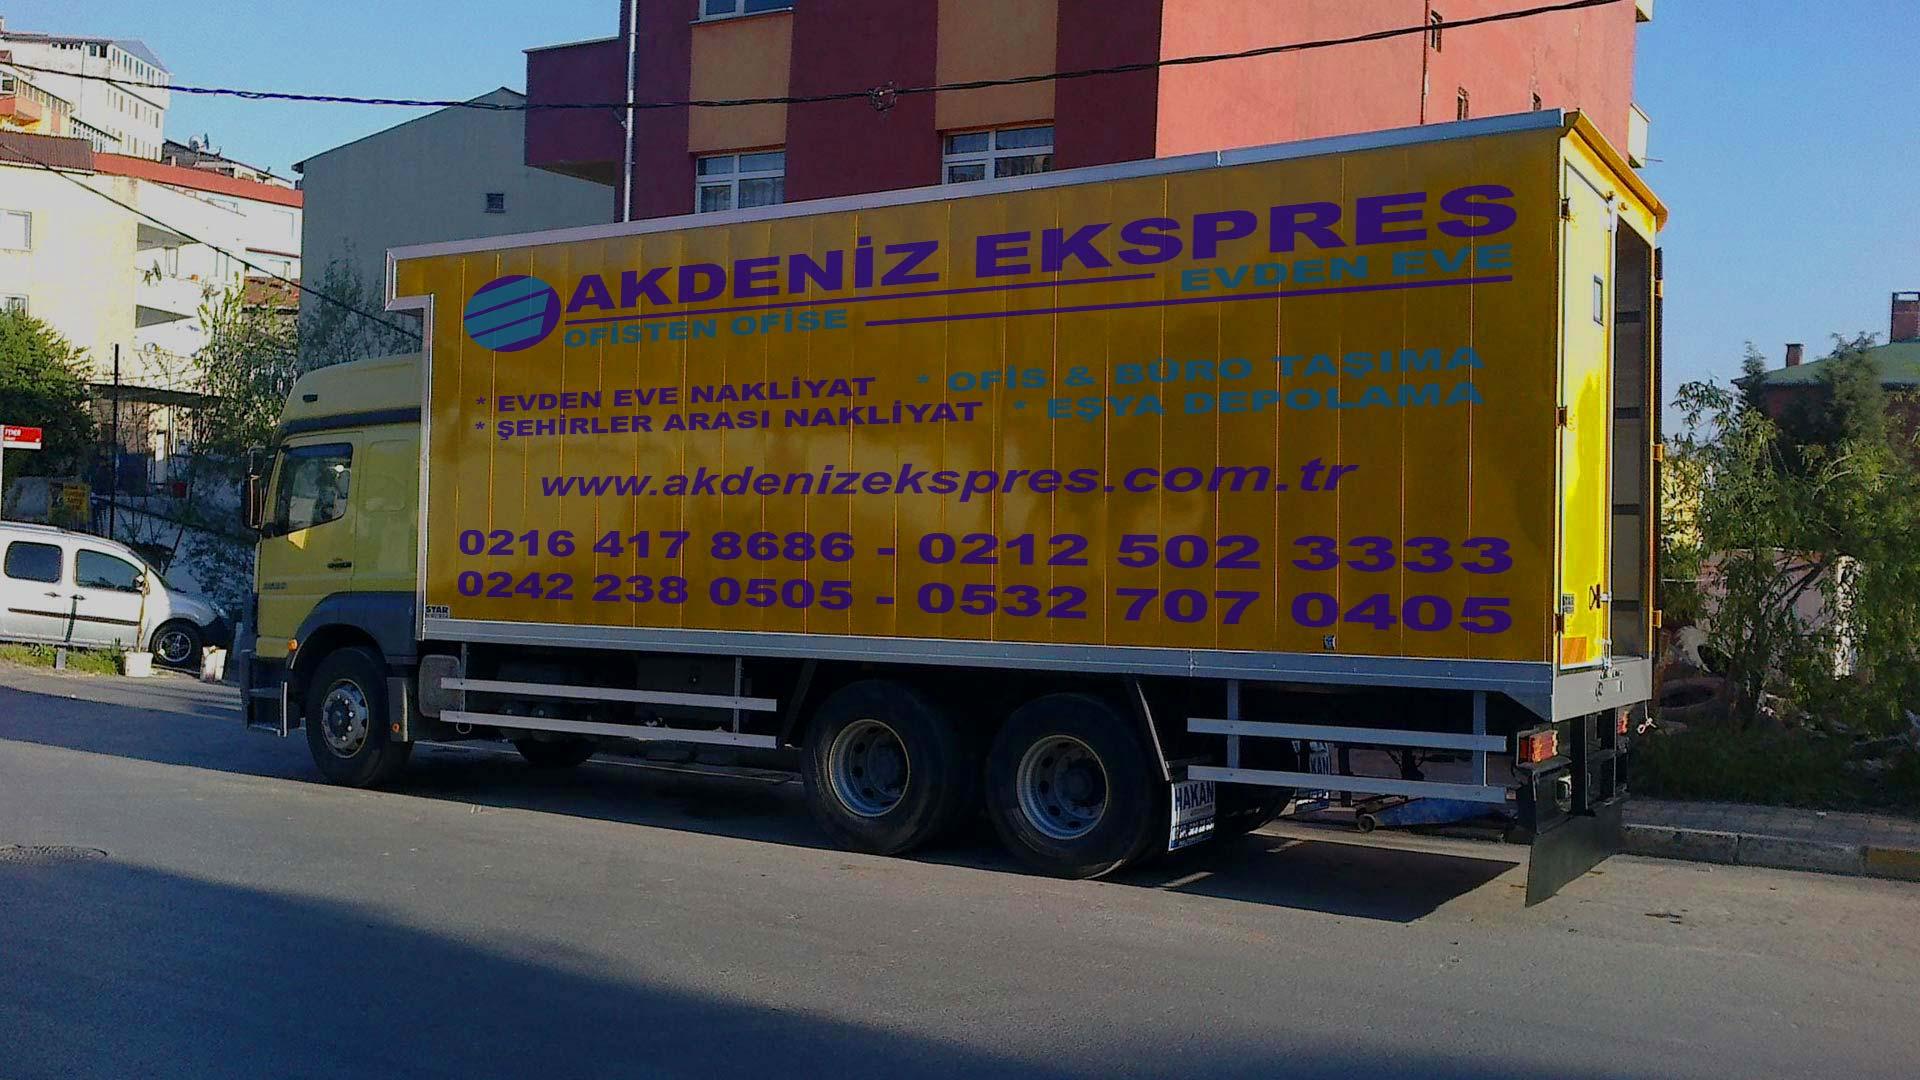 İstanbul Urla evden eve taşımacılık